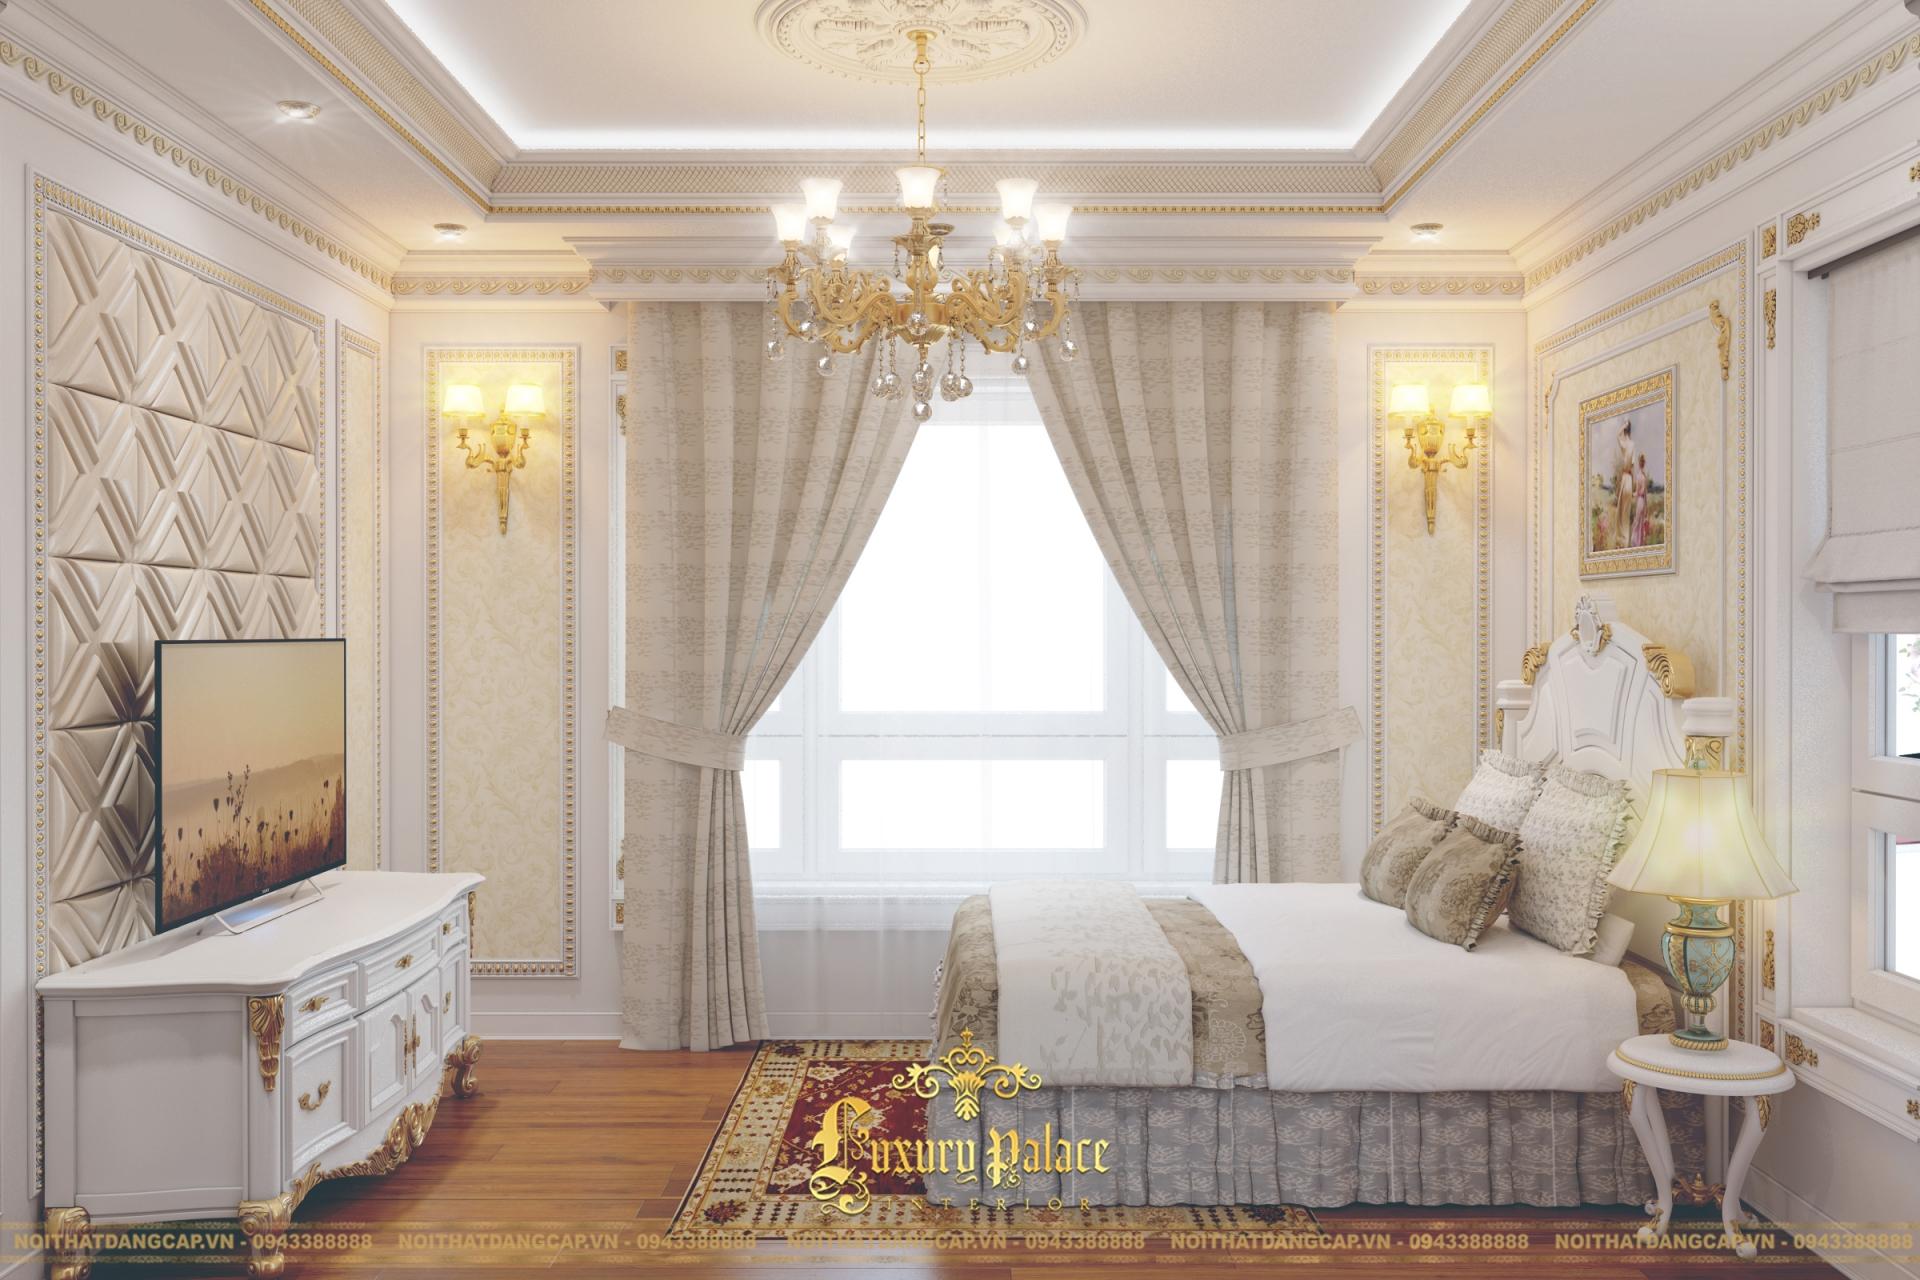 Mẫu thiết kế phòng ngủ phong cách tân cổ điển châu Âu 5